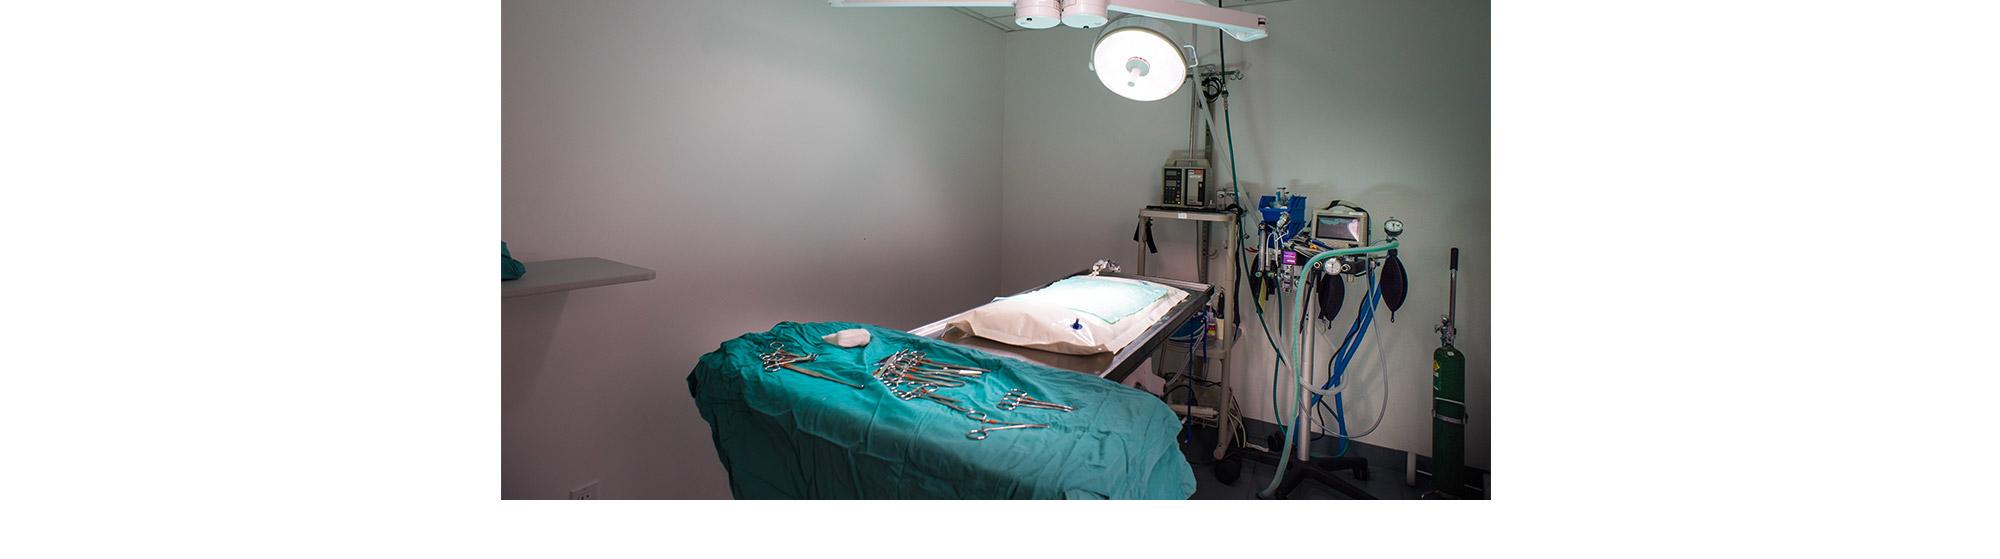 office-tour-surgery